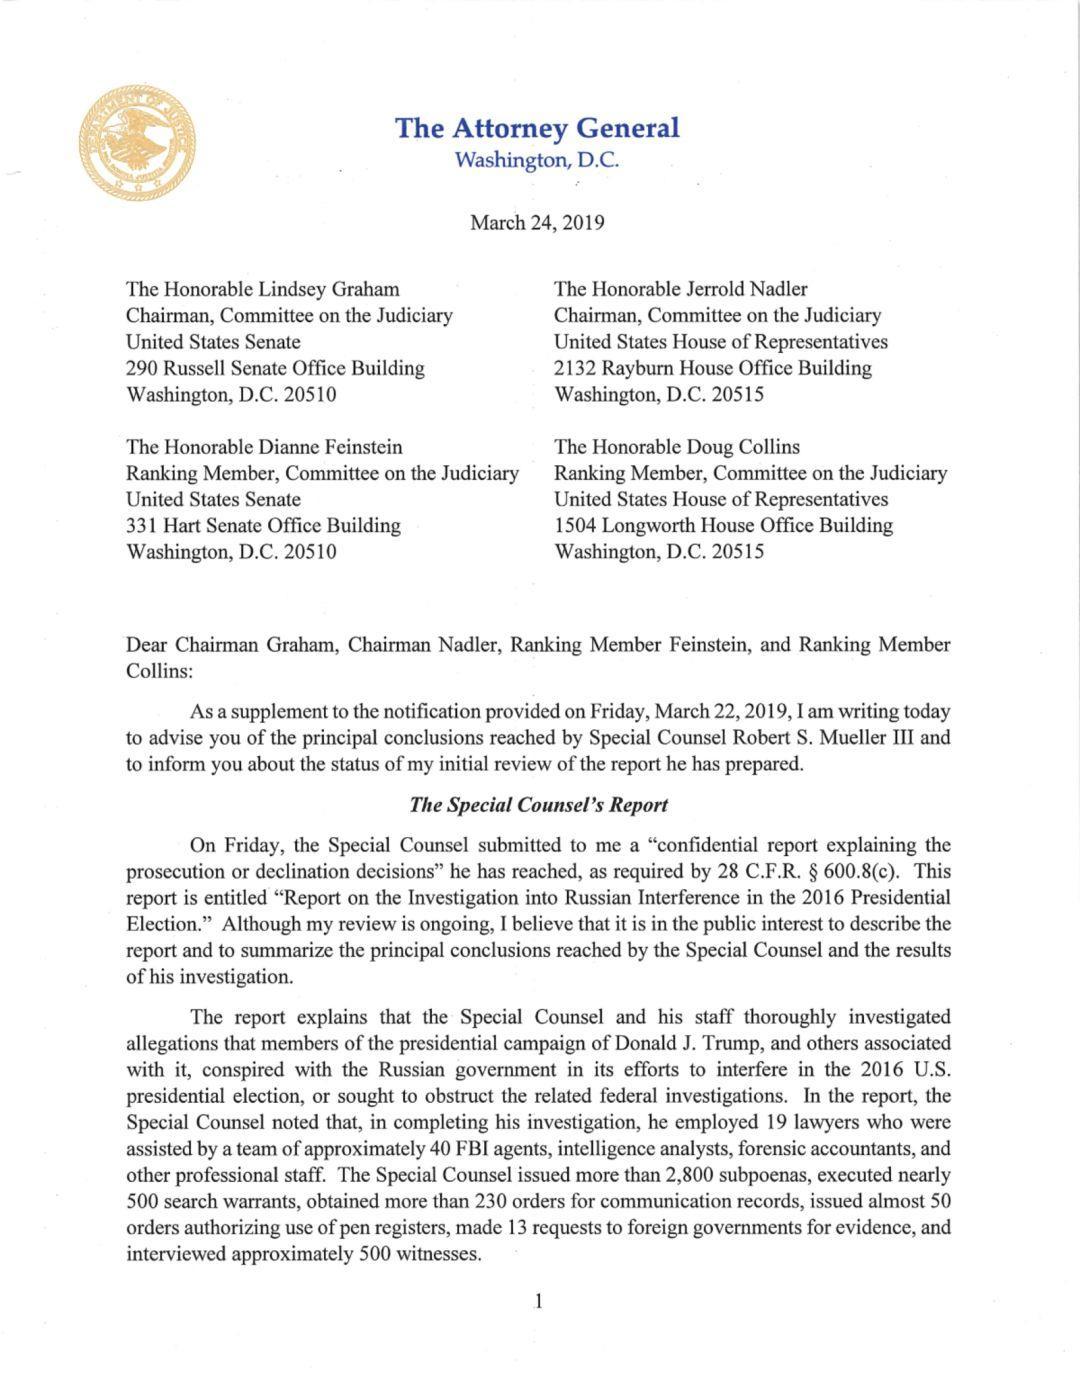 穆勒报告摘要公布,全美聚焦特朗普有没有通俄和妨碍司法   图姐